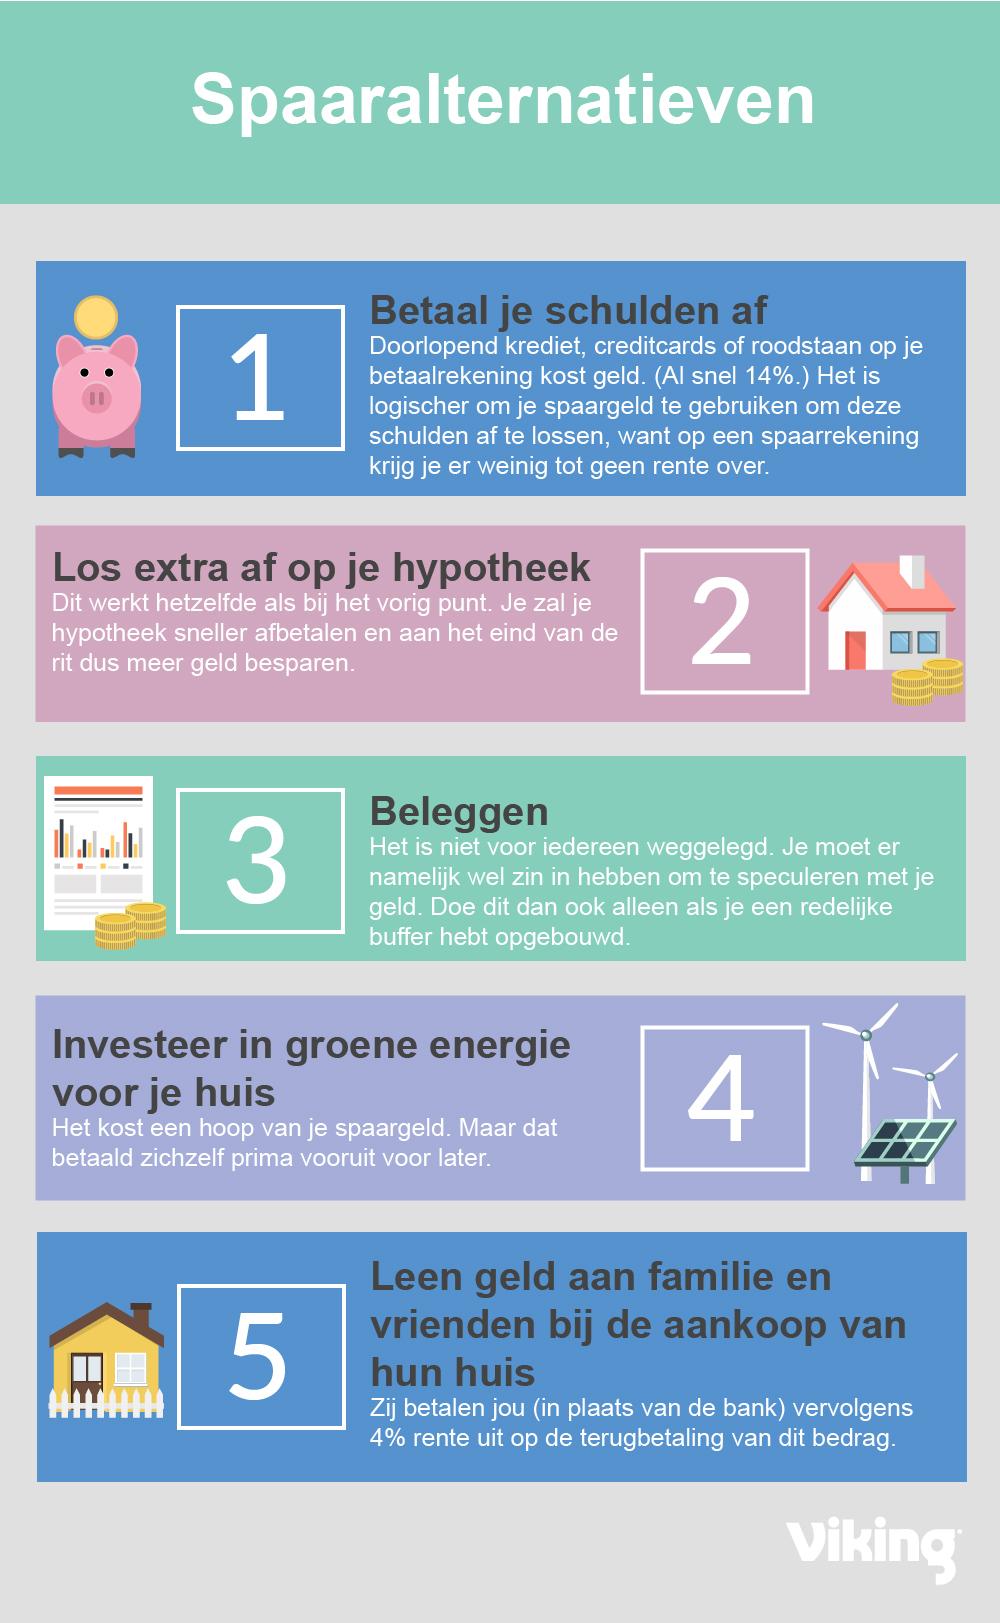 Top tips voor sparen die geen spaarrekening nodig hebben